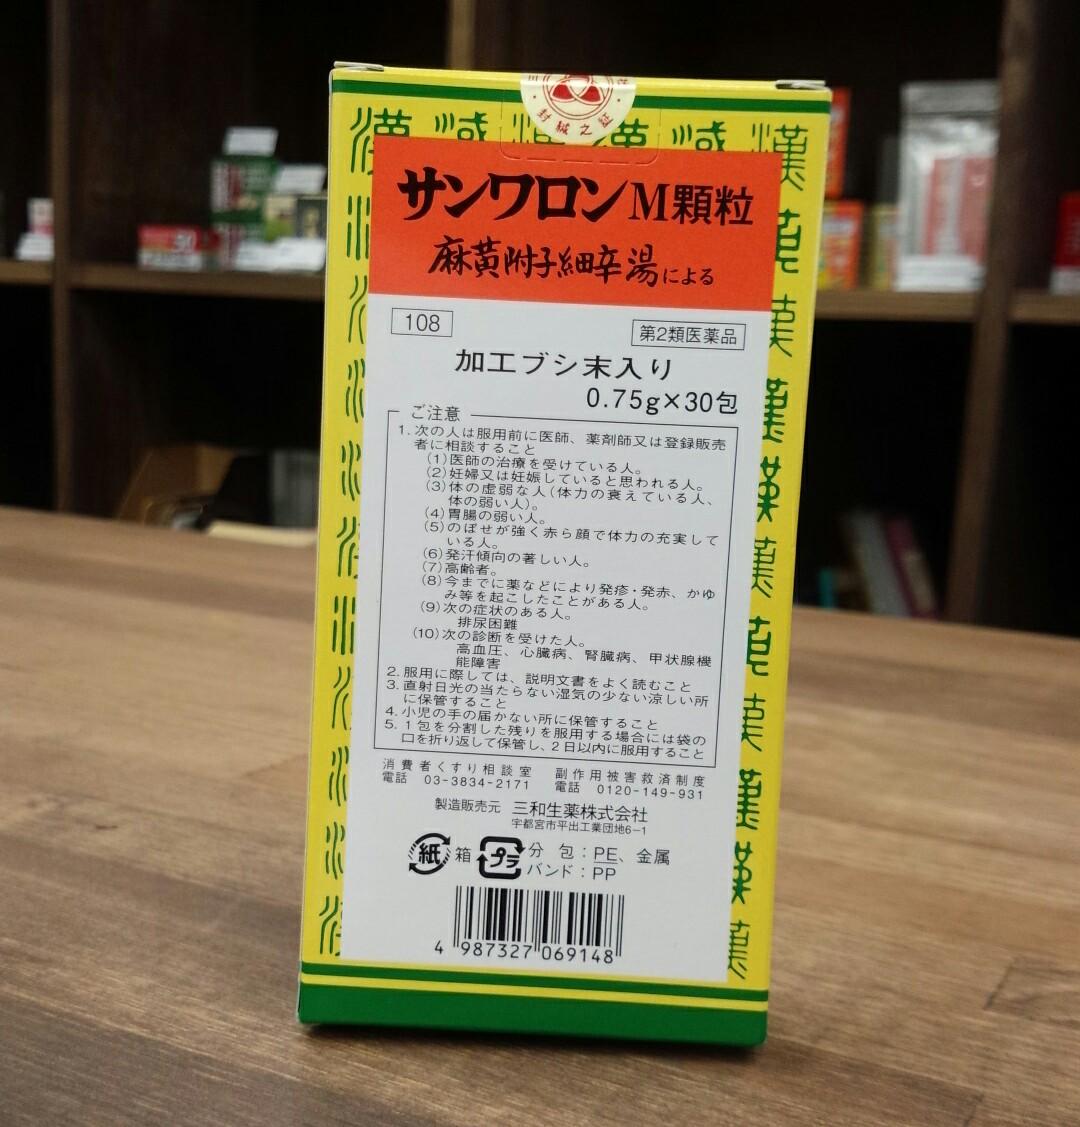 麻黄附子細辛湯(まおうぶしさいしんとう)サンワロンM顆粒 180包(30包×6箱) [三和生薬]